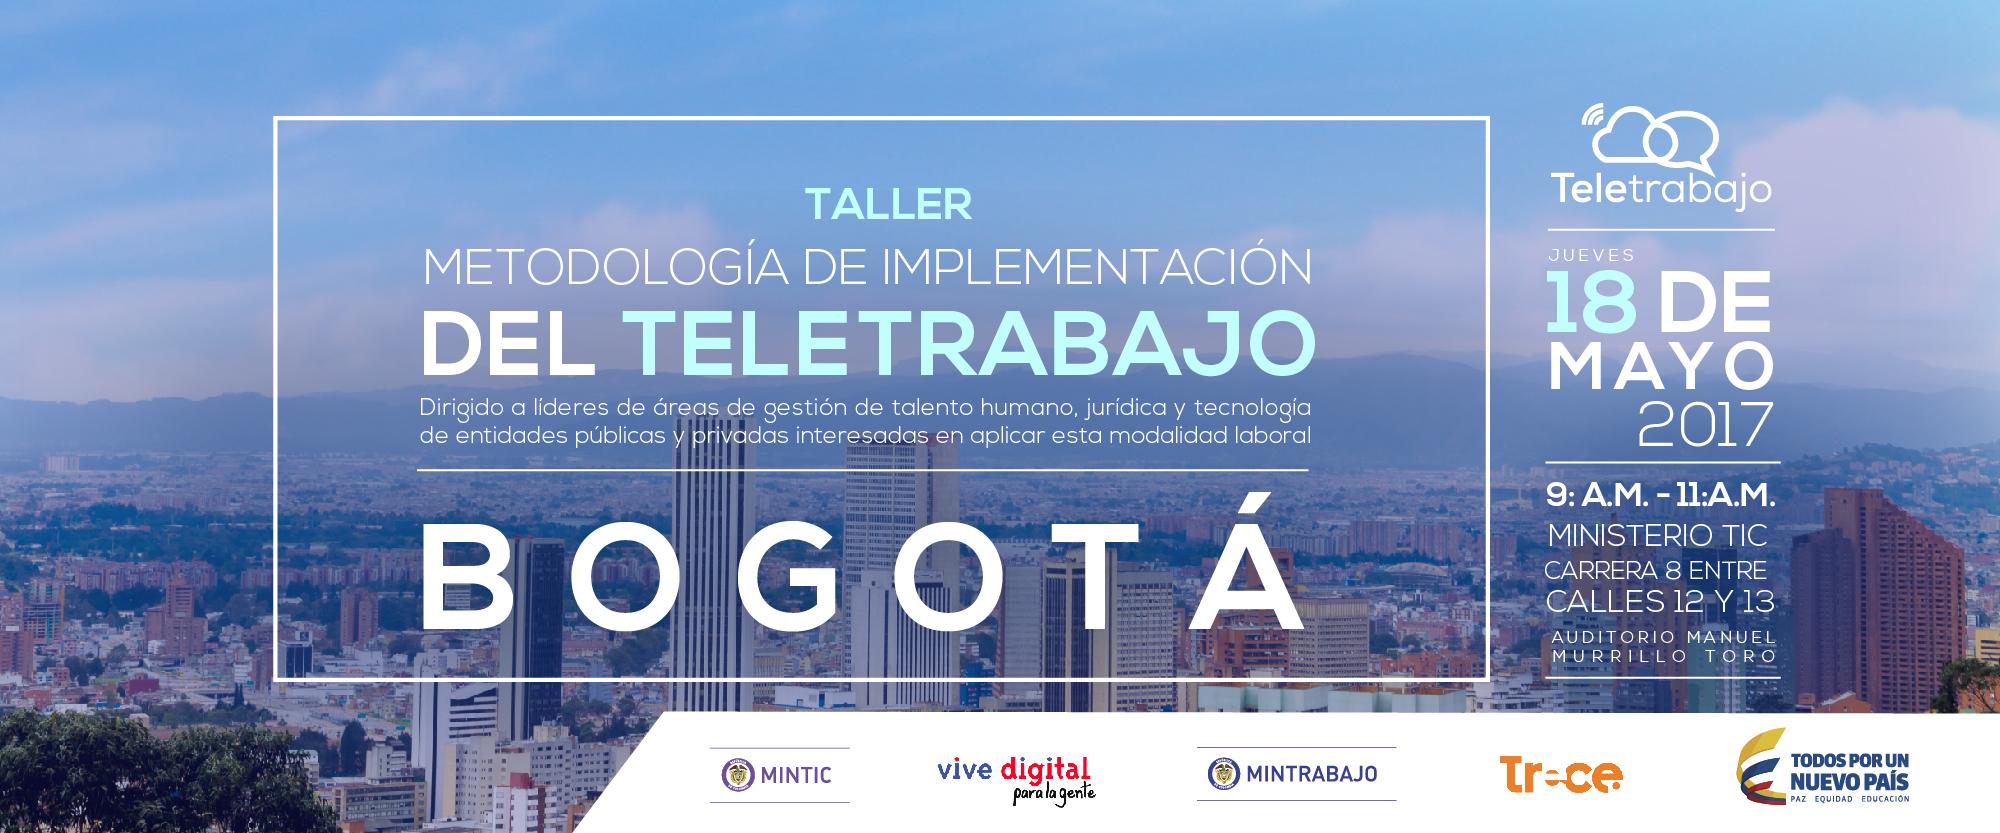 Encuéntrate con gente nueva en Bogotá